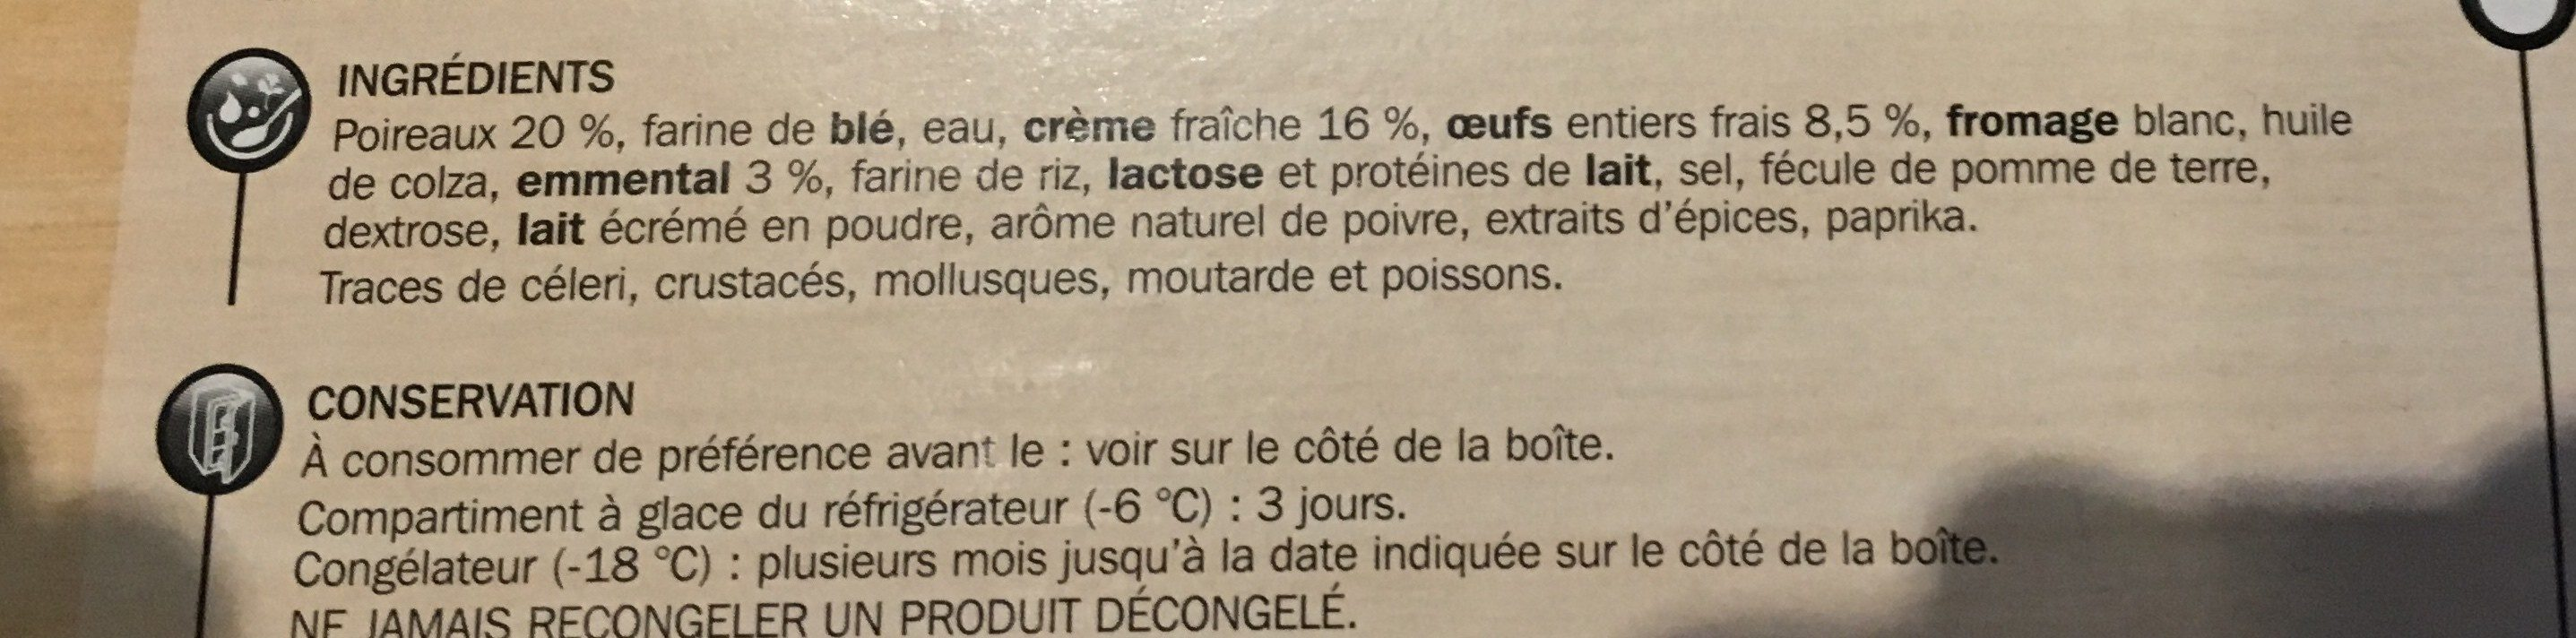 Tarte aux poireaux - Ingrédients - fr